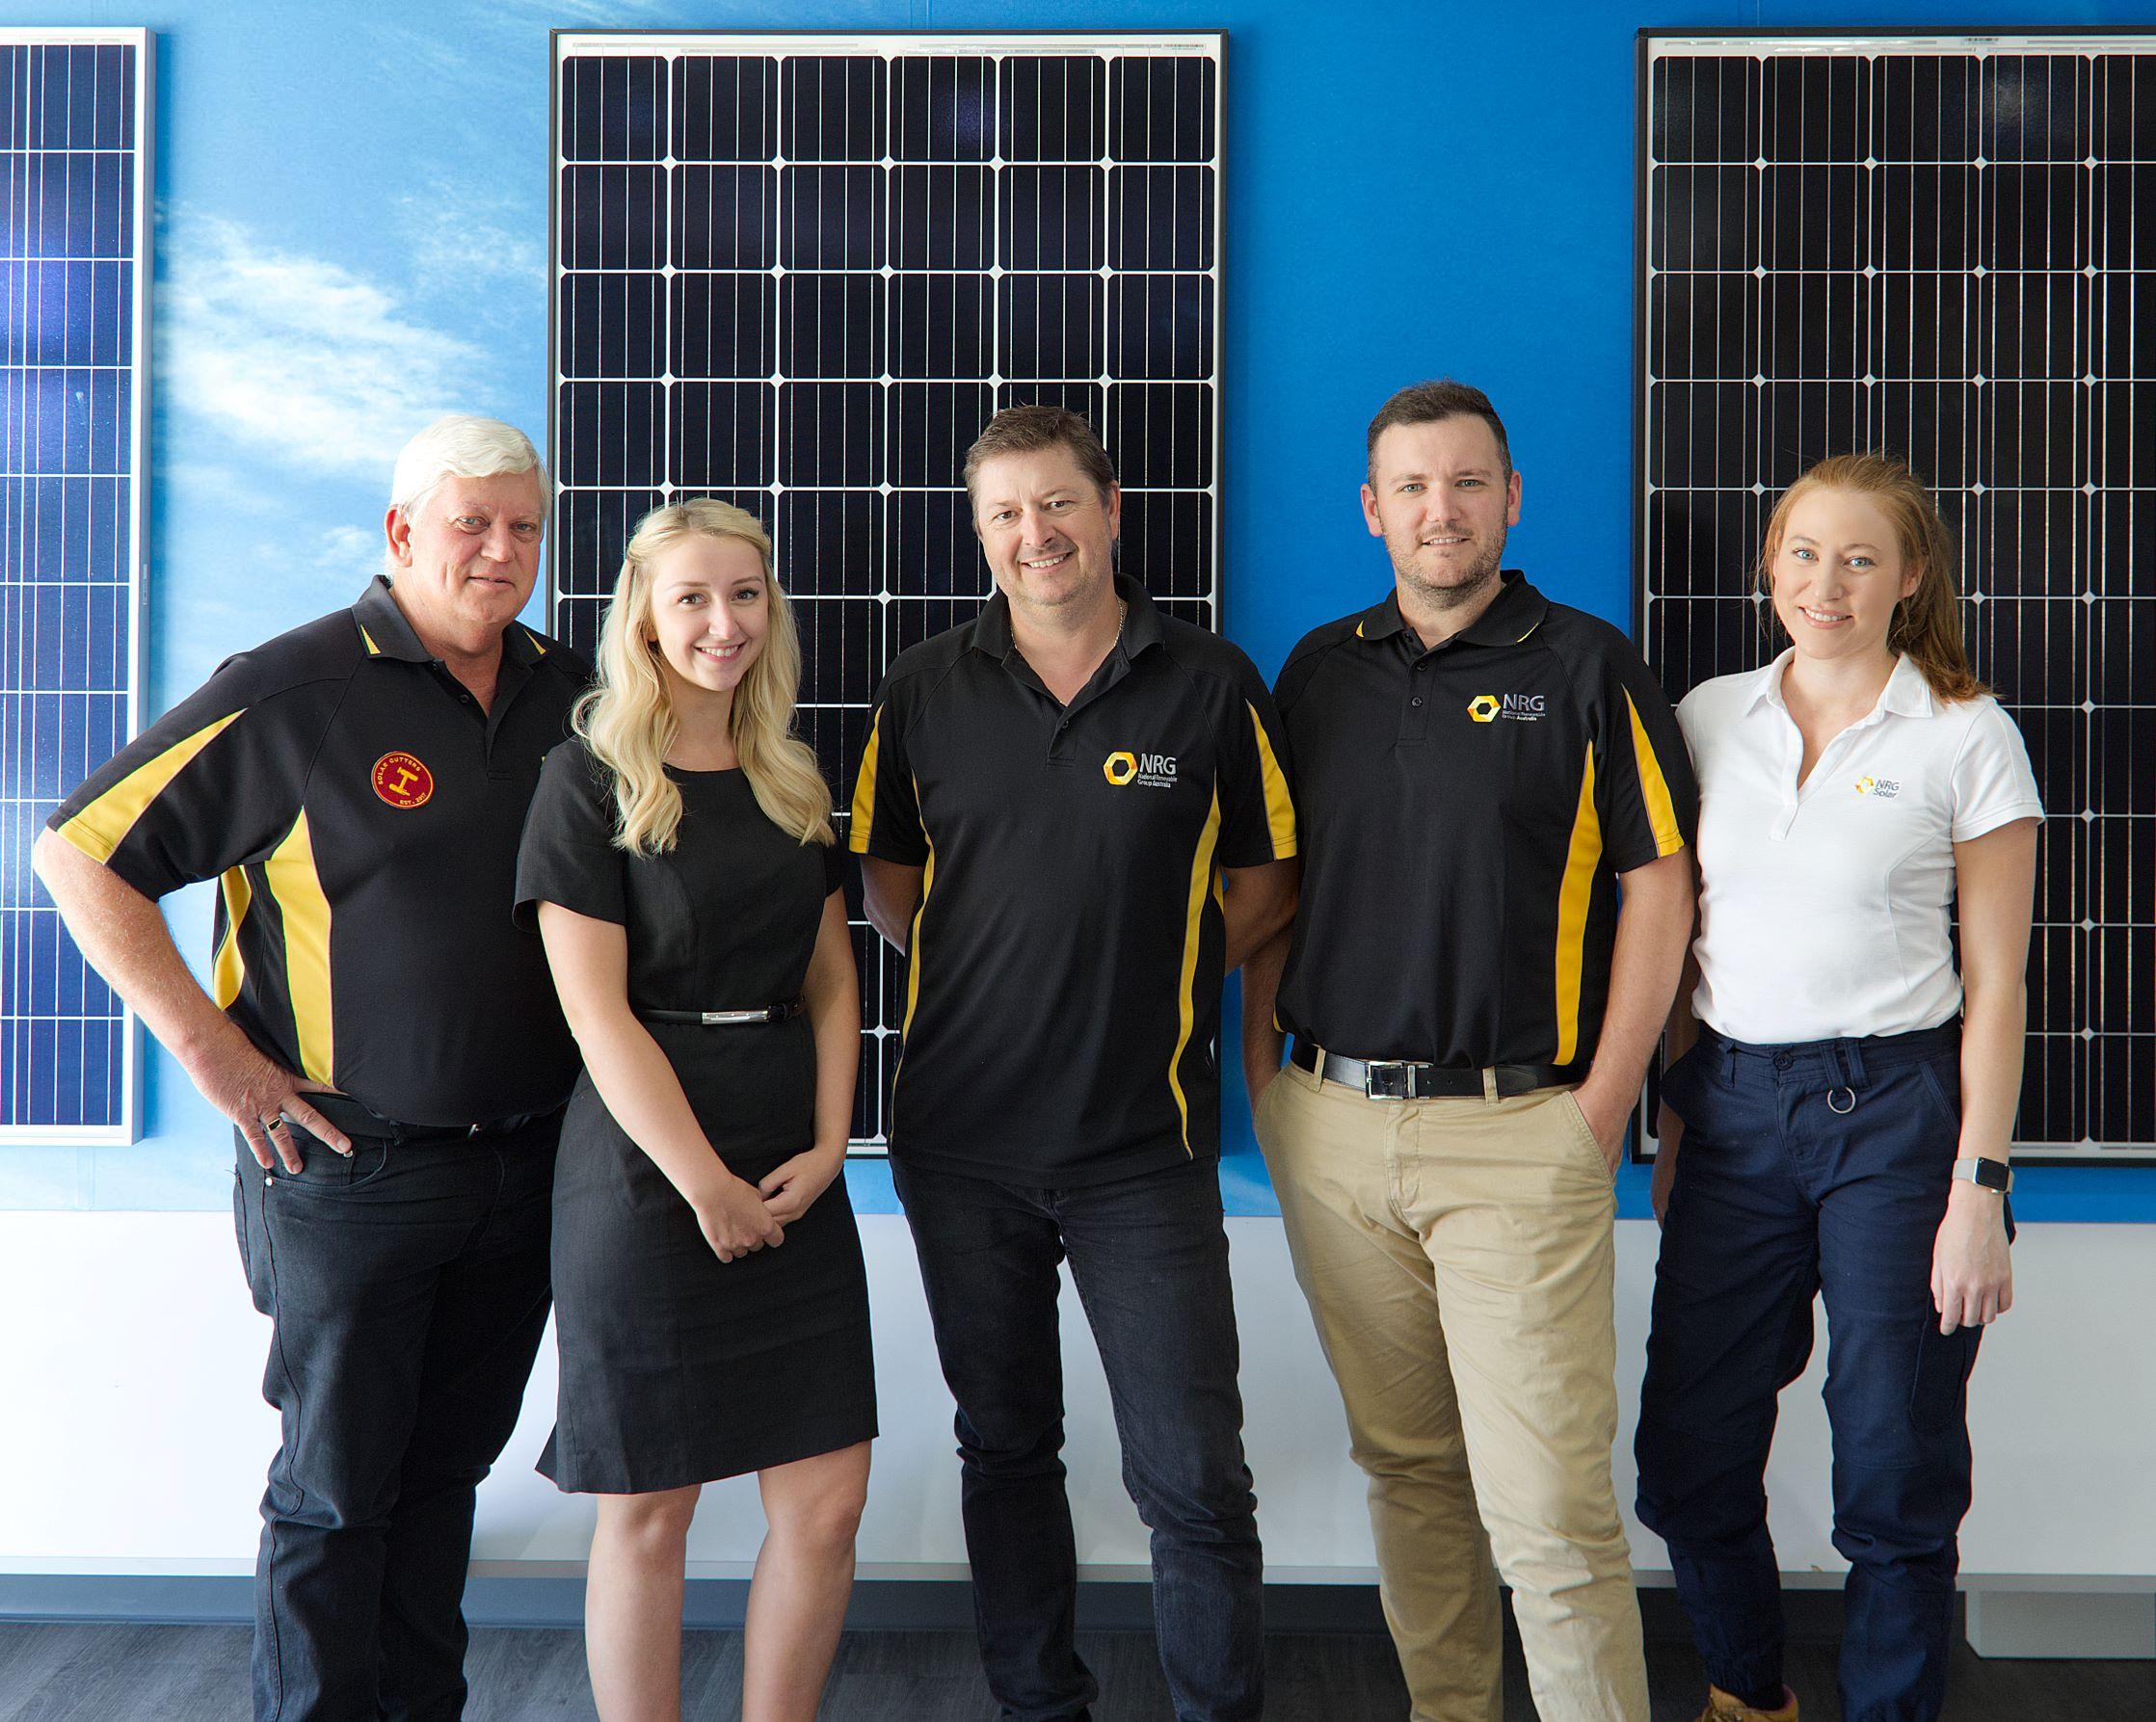 NRG Solar team photo